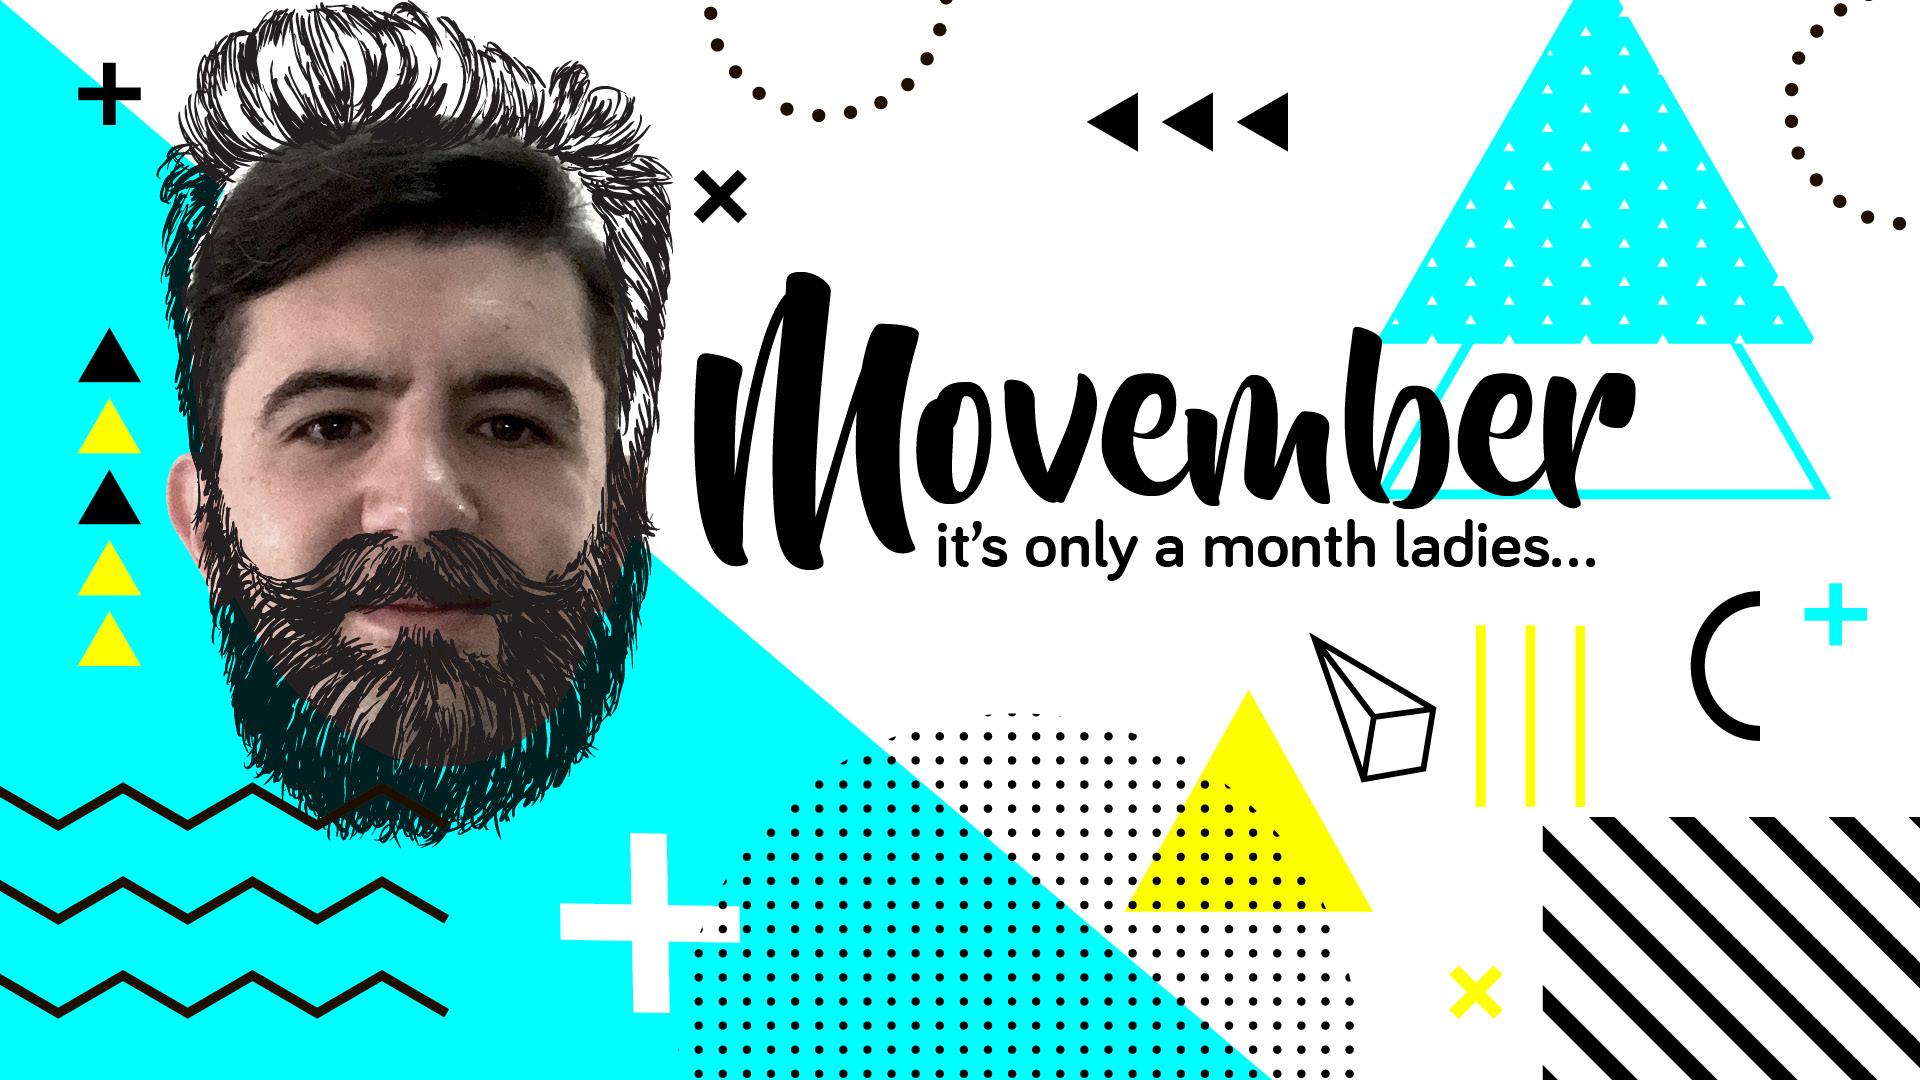 Flicker Leap Movember 2017 Wallpaper